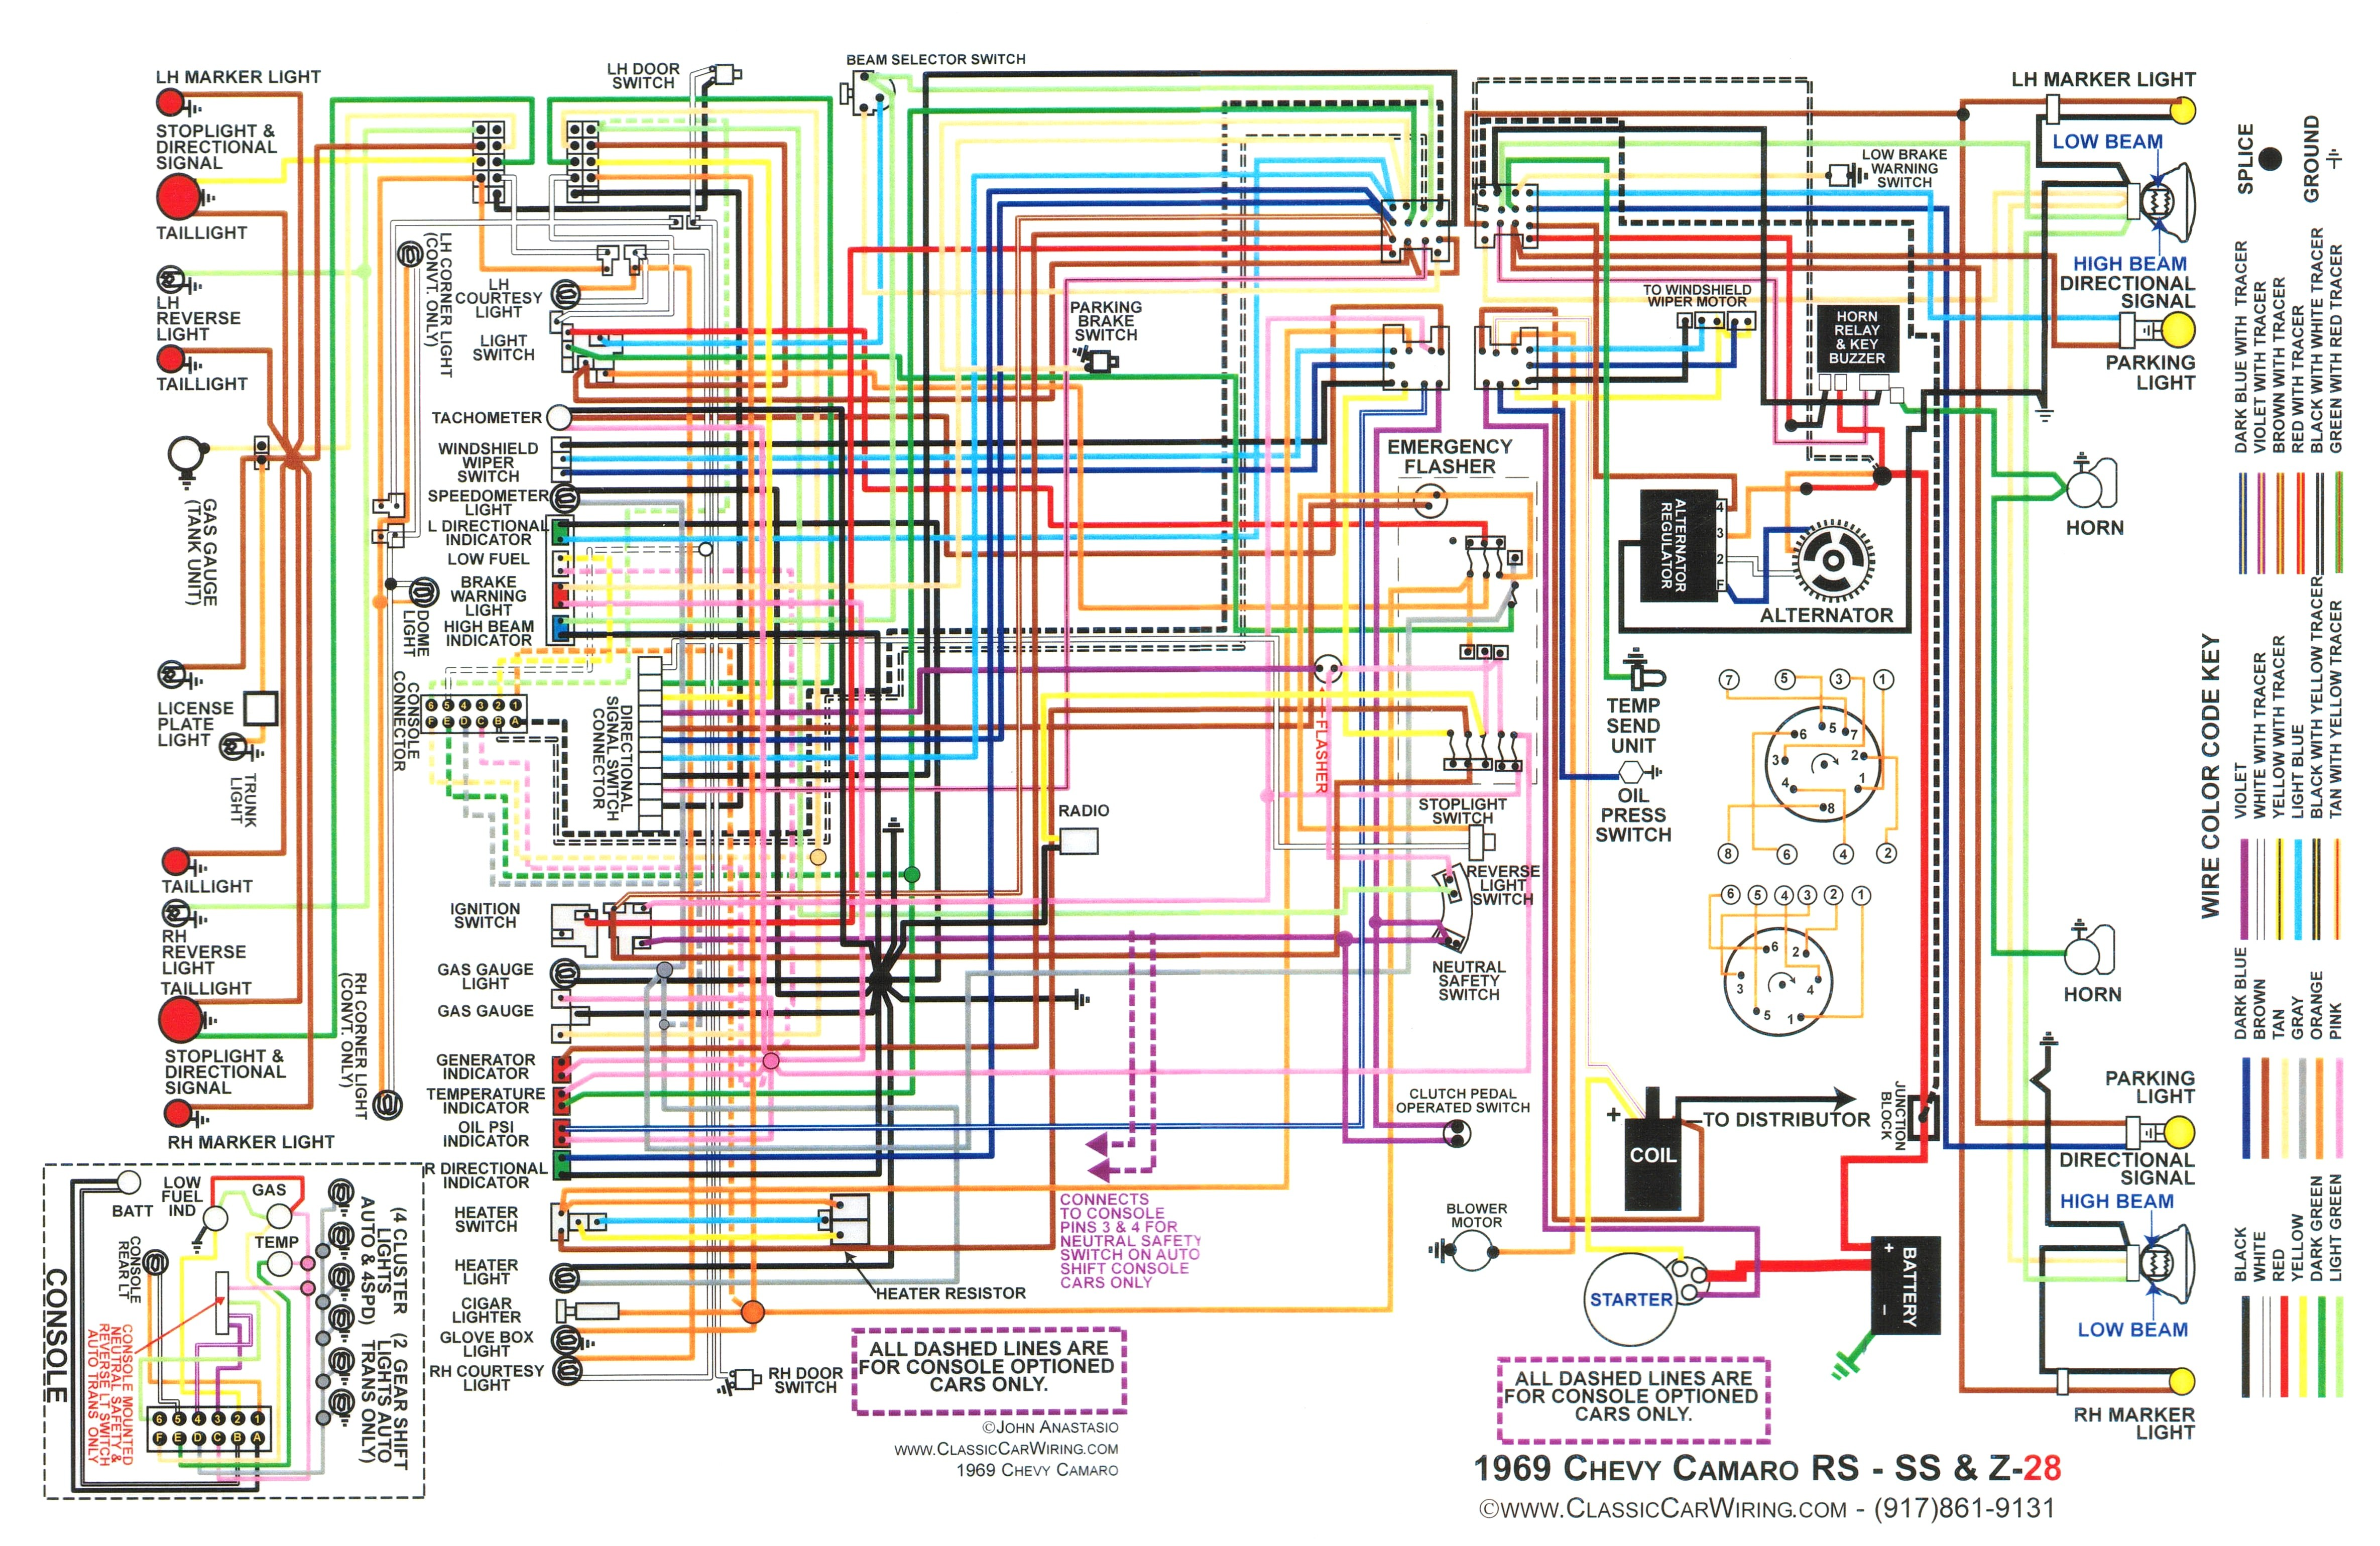 1968 camaro gas gauge wiring diagram -system sensor wiring diagram |  begeboy wiring diagram source  begeboy wiring diagram source